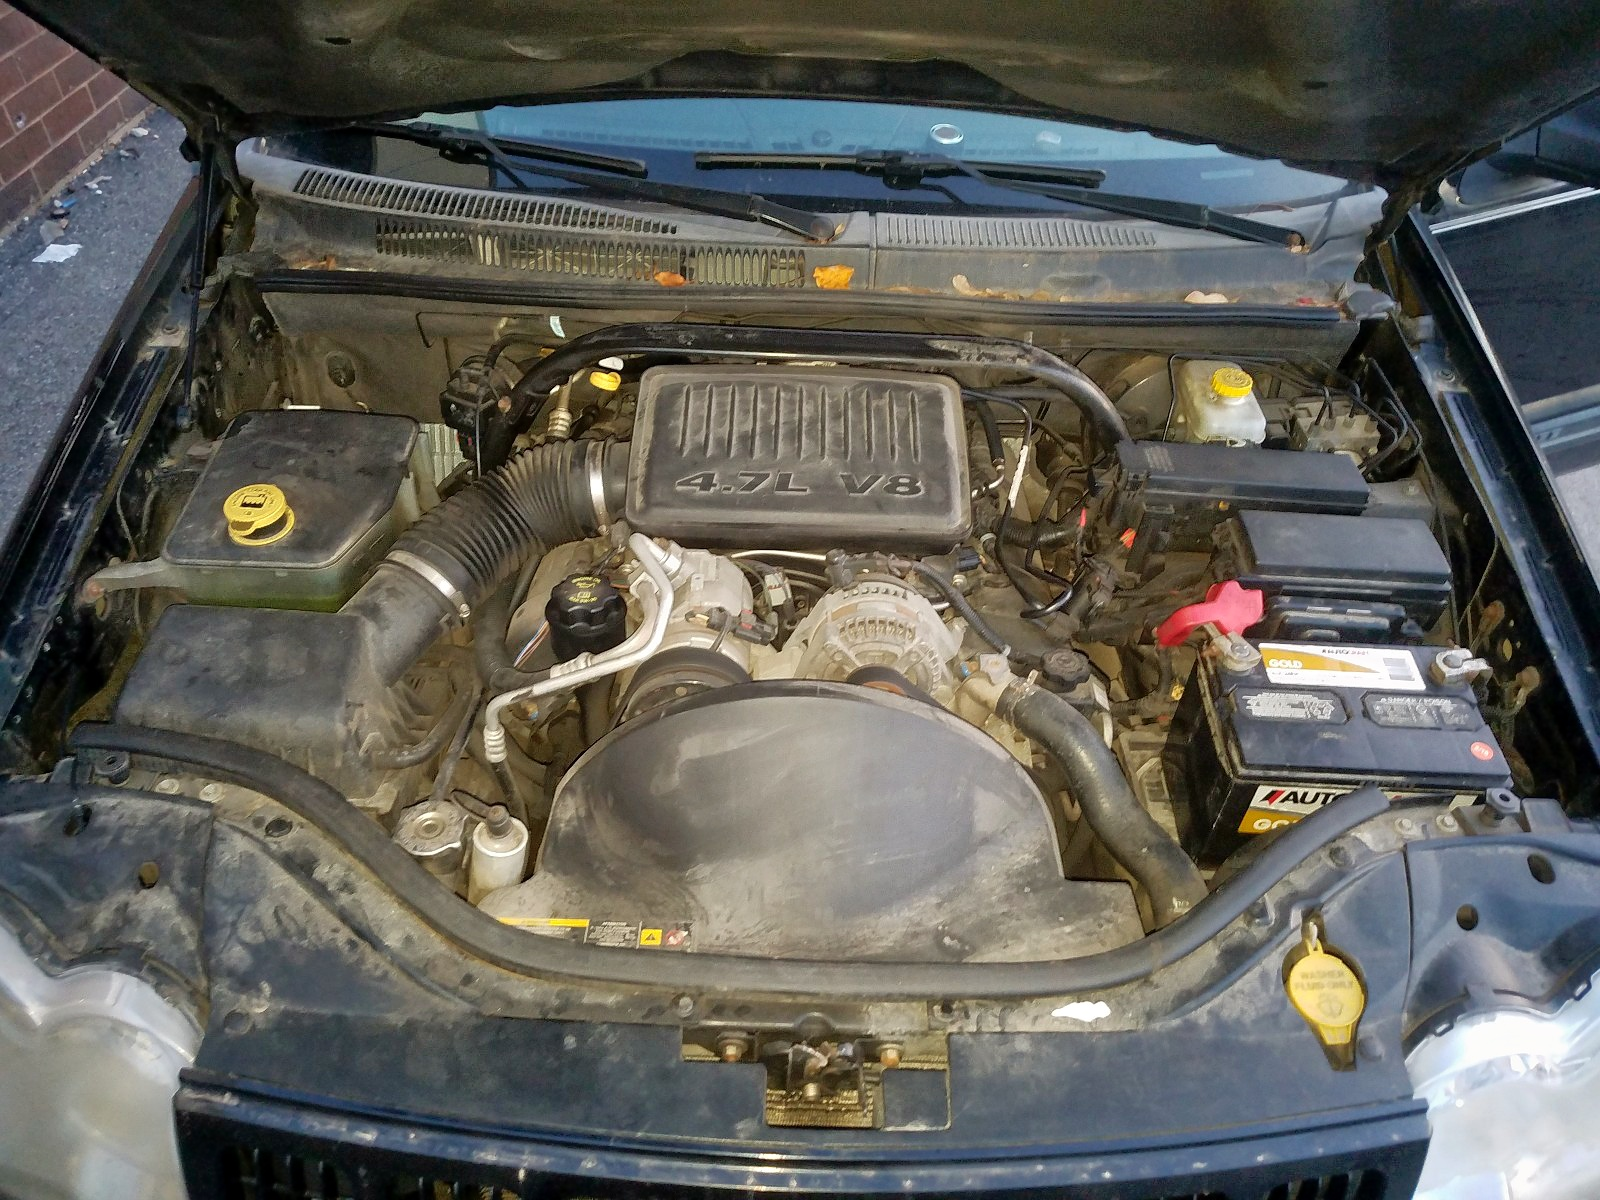 1J4HR48NX6C118722 - 2006 Jeep Grand Cher 4.7L inside view